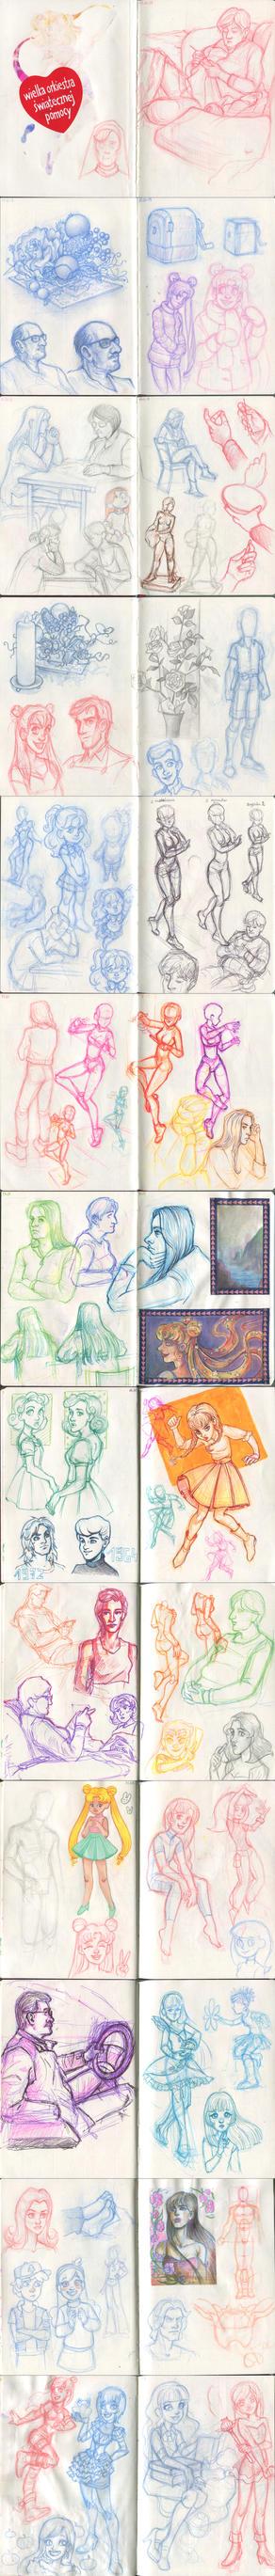 My sketchbook 41 by Annorelka